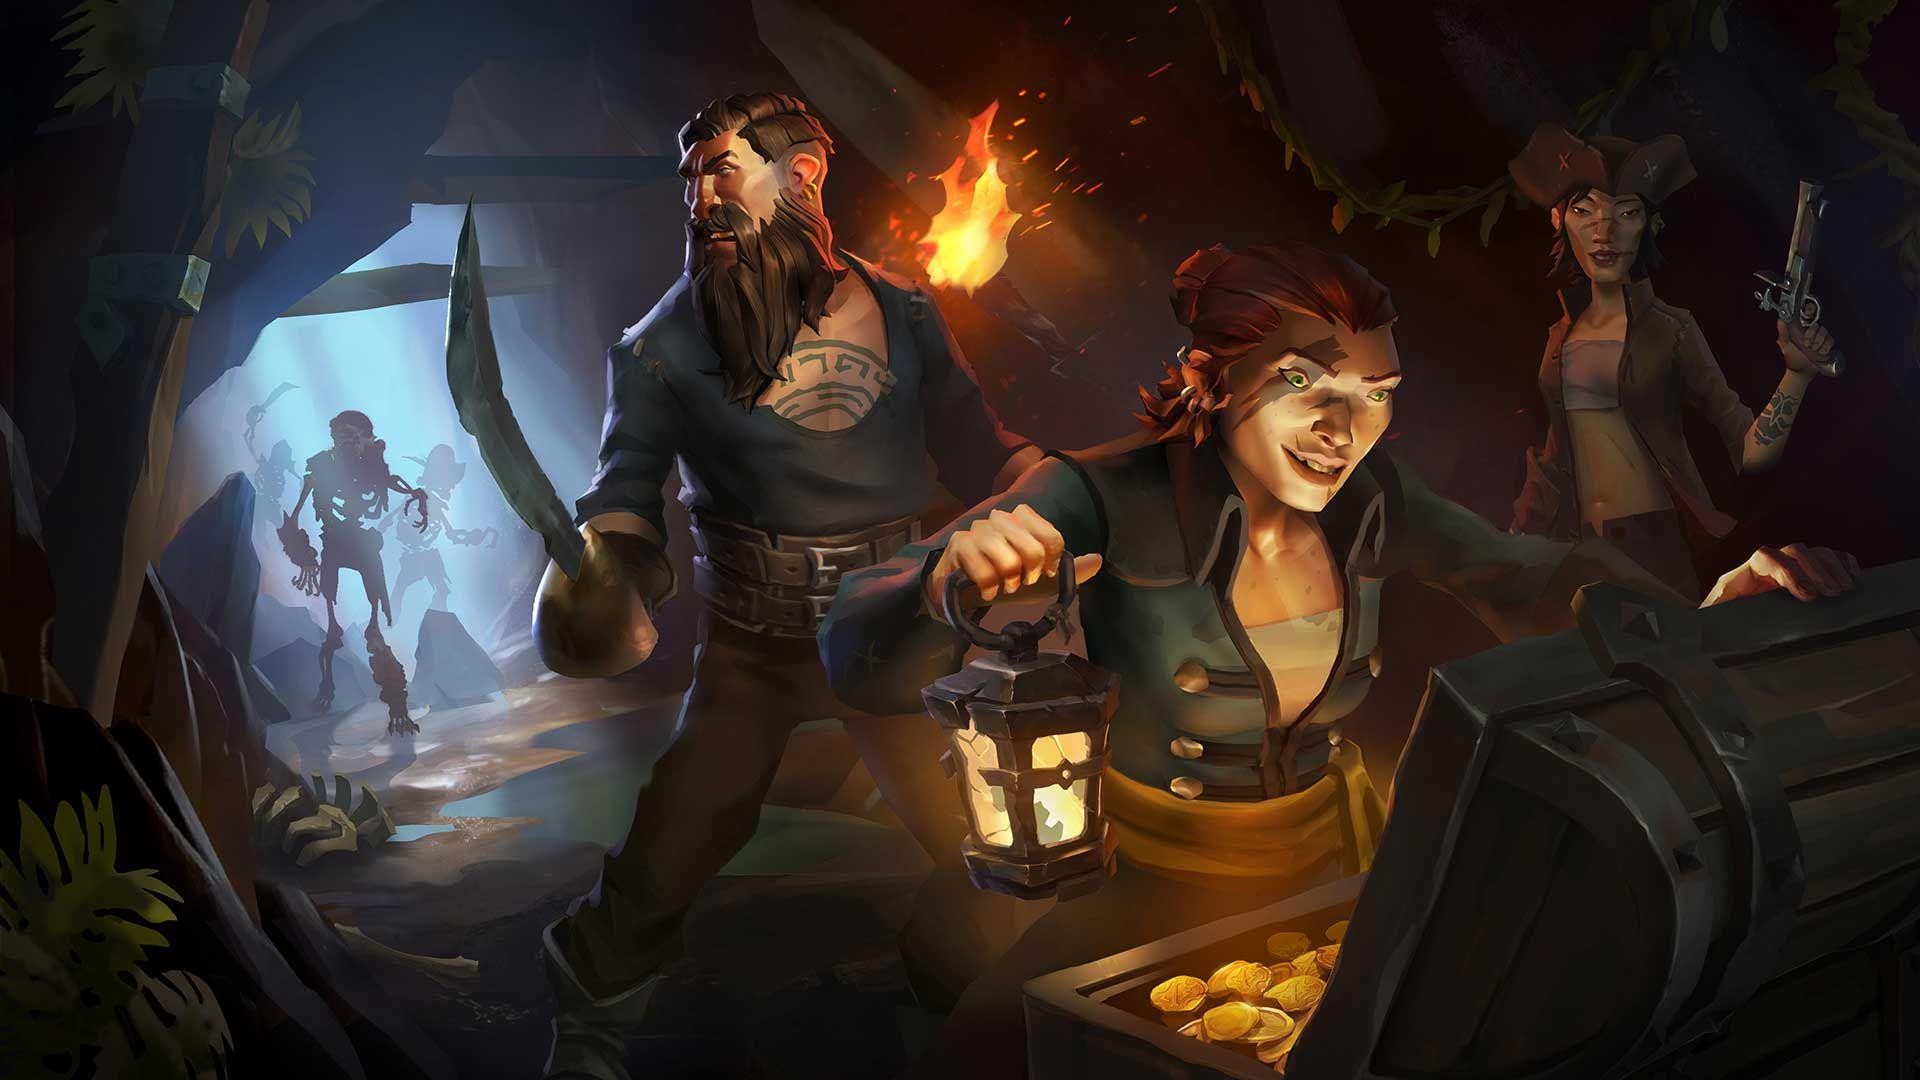 on Jogos, Pirata e Os melhores jogos